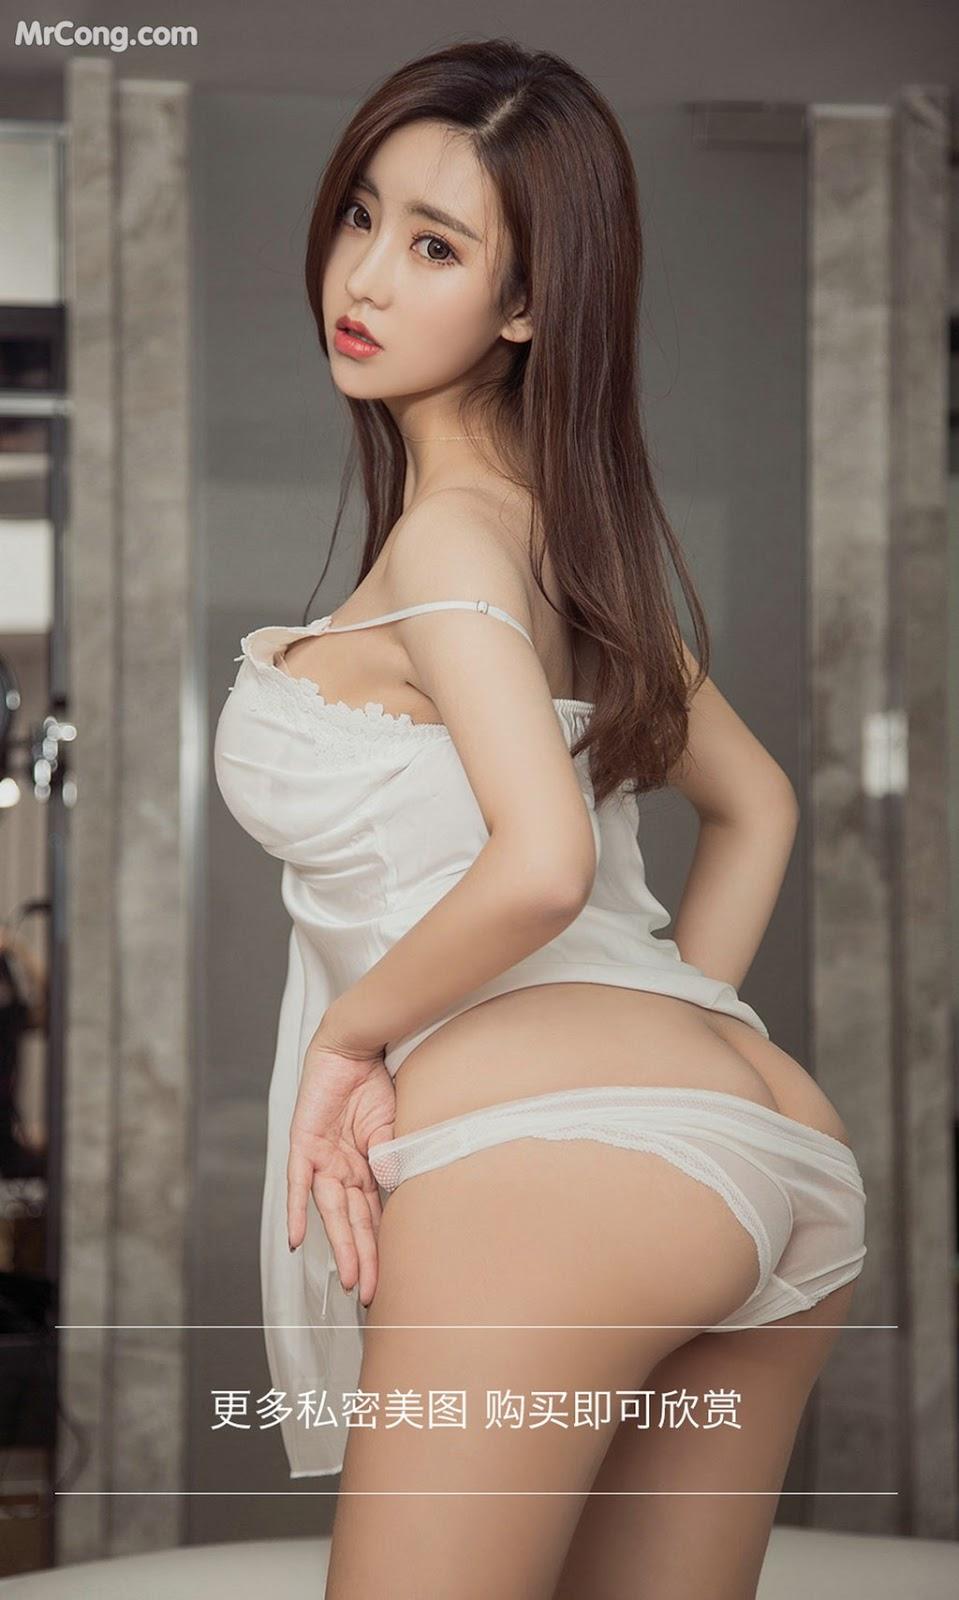 Image UGIRLS-Ai-You-Wu-App-No.1136-Chen-Mei-Xi-MrCong.com-009 in post UGIRLS – Ai You Wu App No.1136: Người mẫu Chen Mei Xi (陈美熙) (35 ảnh)